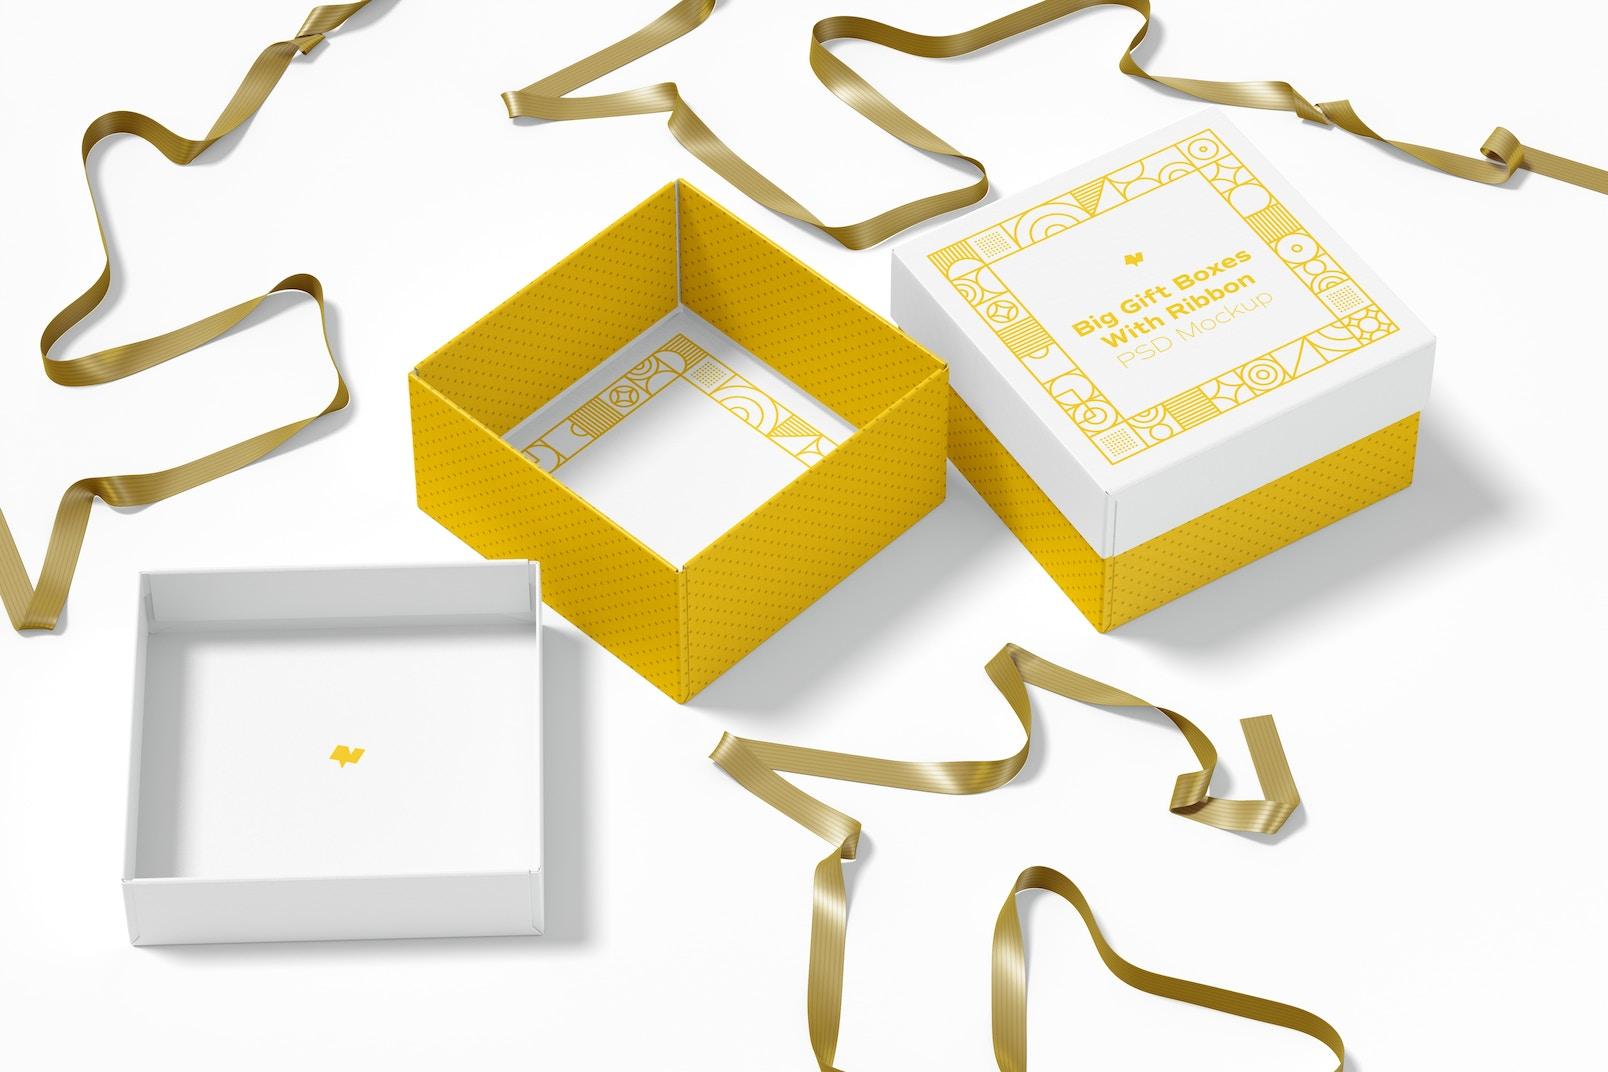 Big Gift Boxes With Ribbon Mockup